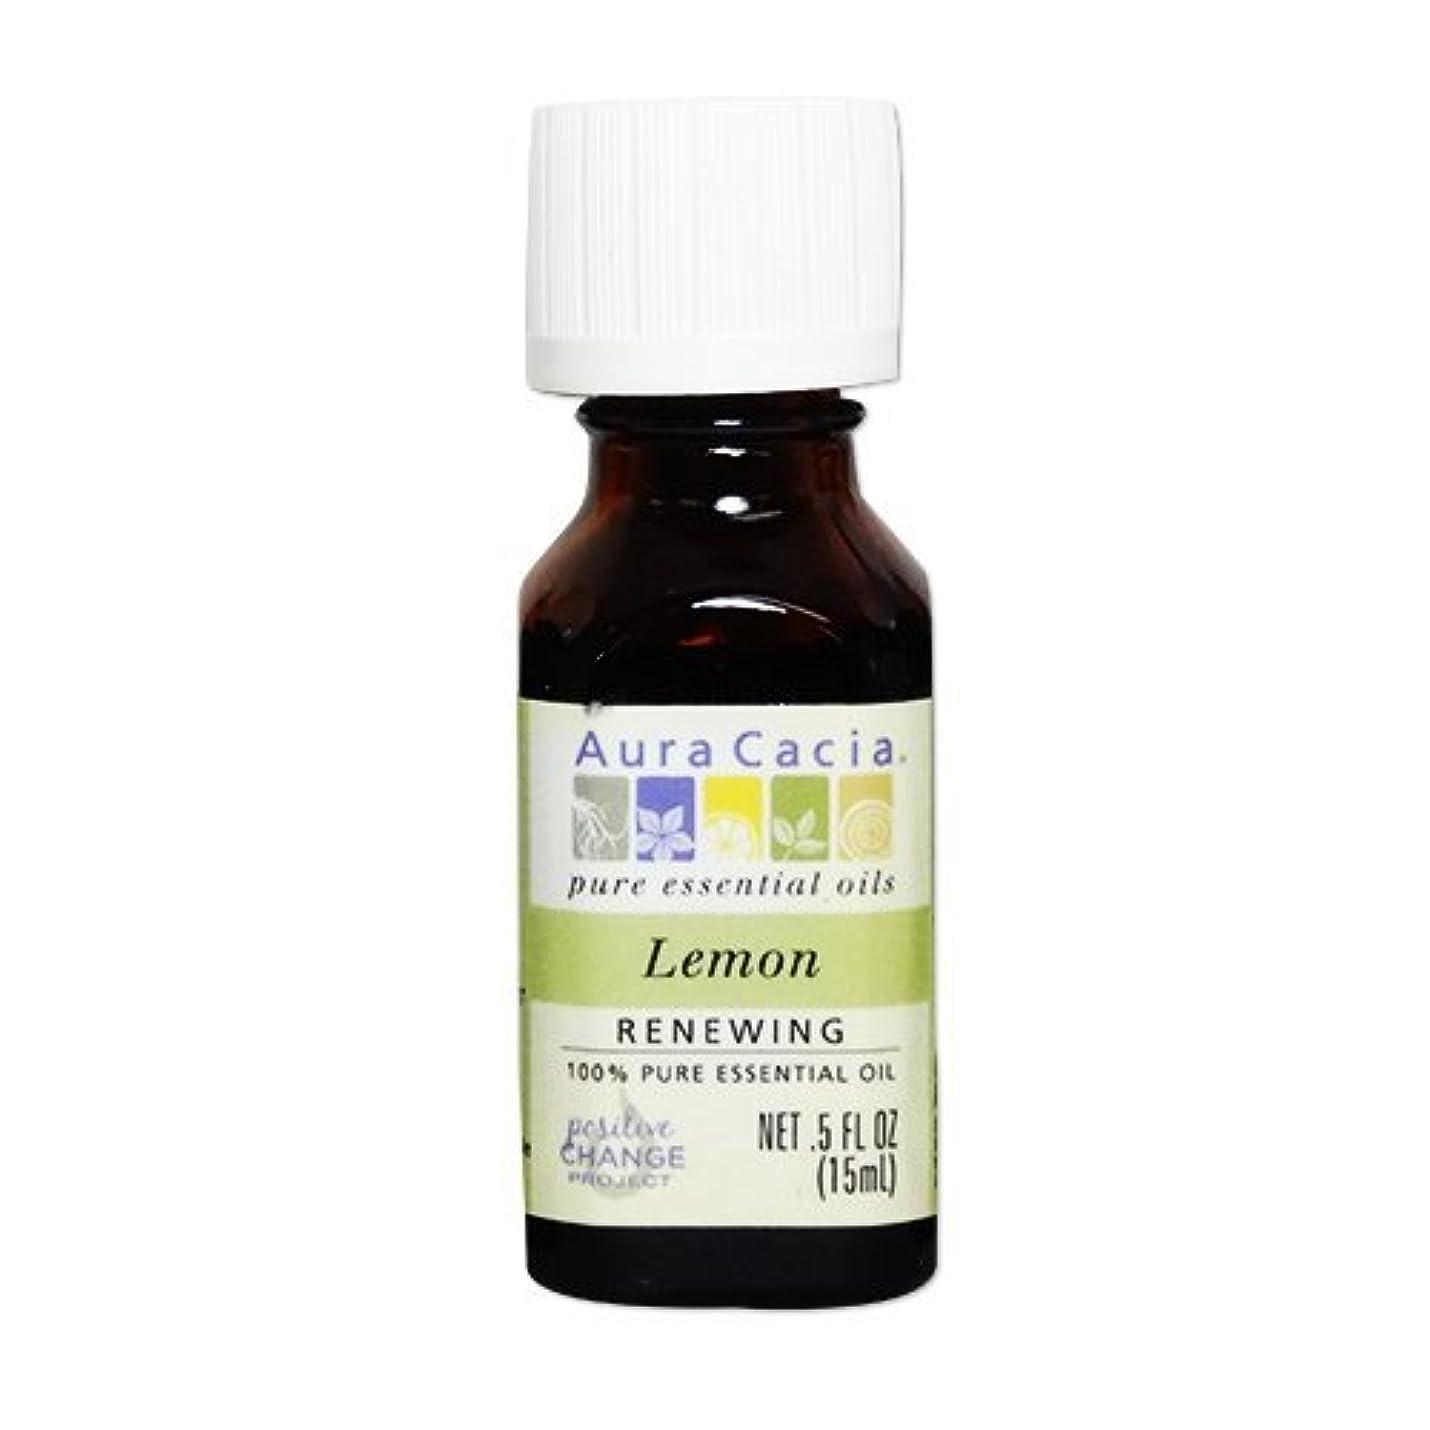 ノミネート忙しいポイント[海外直送品] オーラカシア(Aura Cacia) レモン 15ml